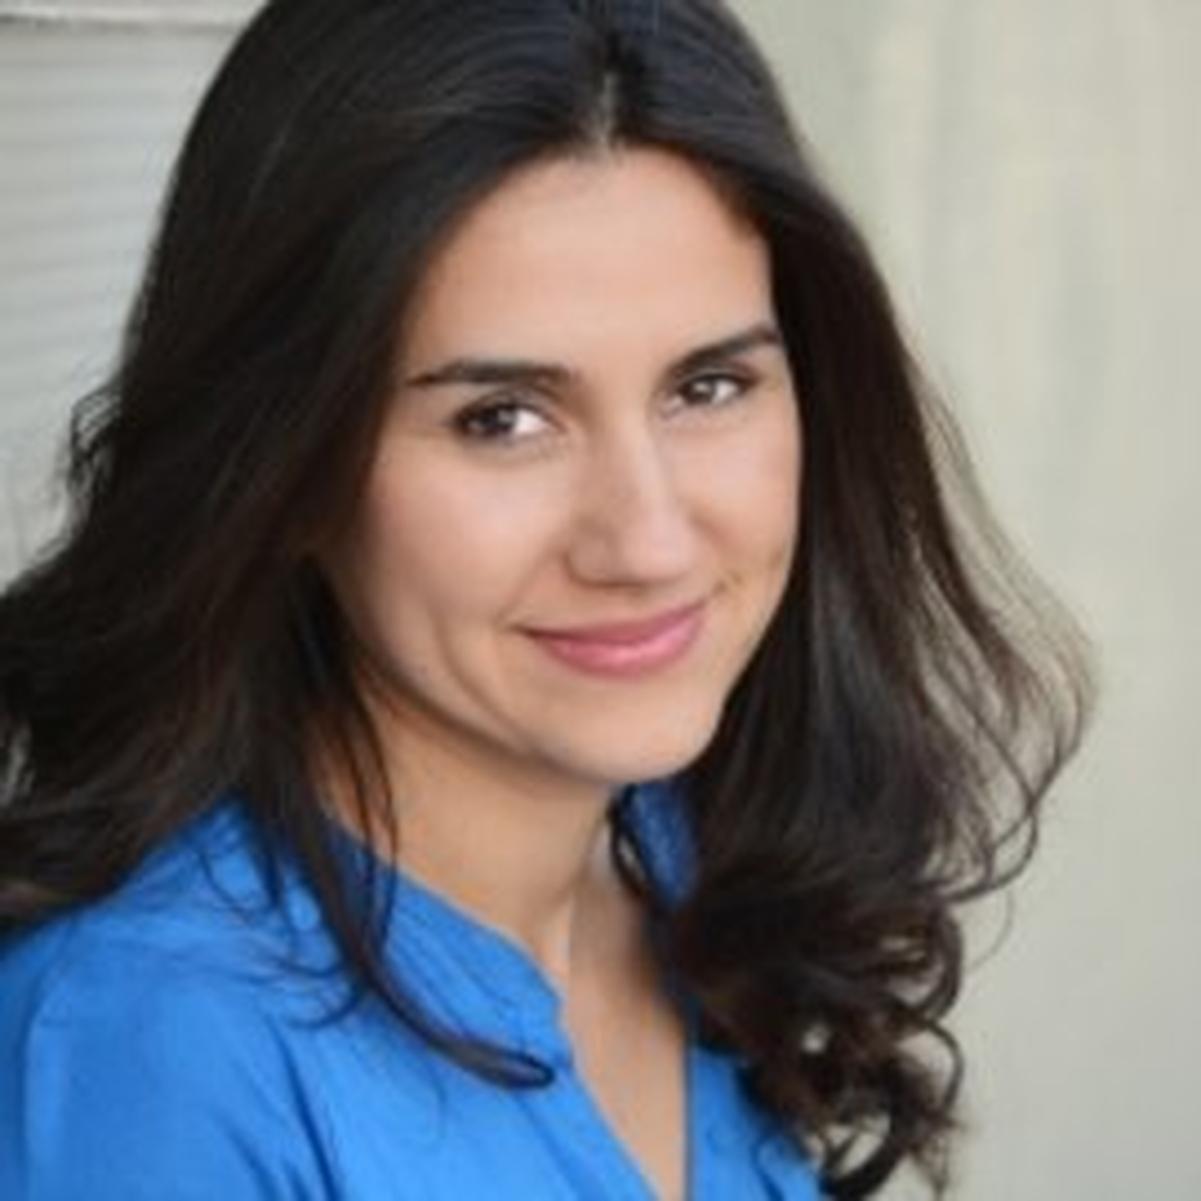 Shabnam Mogharabi